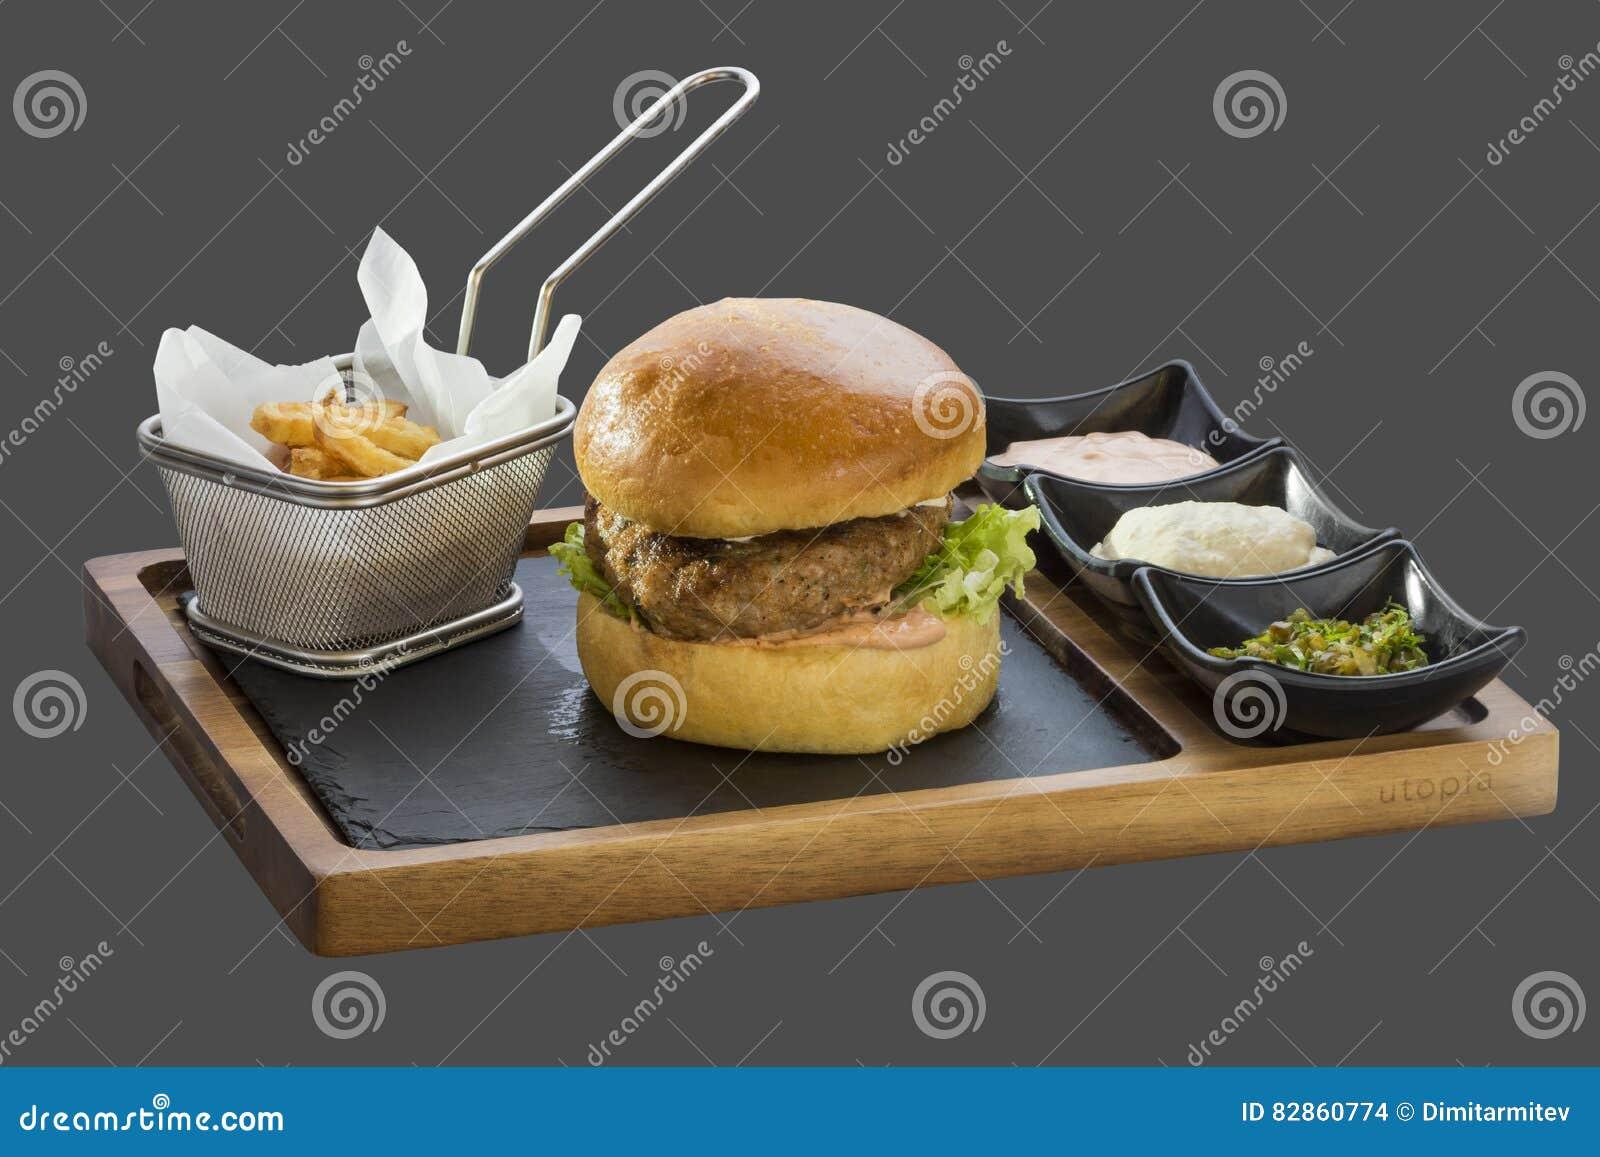 le petit p t d 39 hamburger et garnissent avec les pommes de terre frites et trois sortes de photo. Black Bedroom Furniture Sets. Home Design Ideas